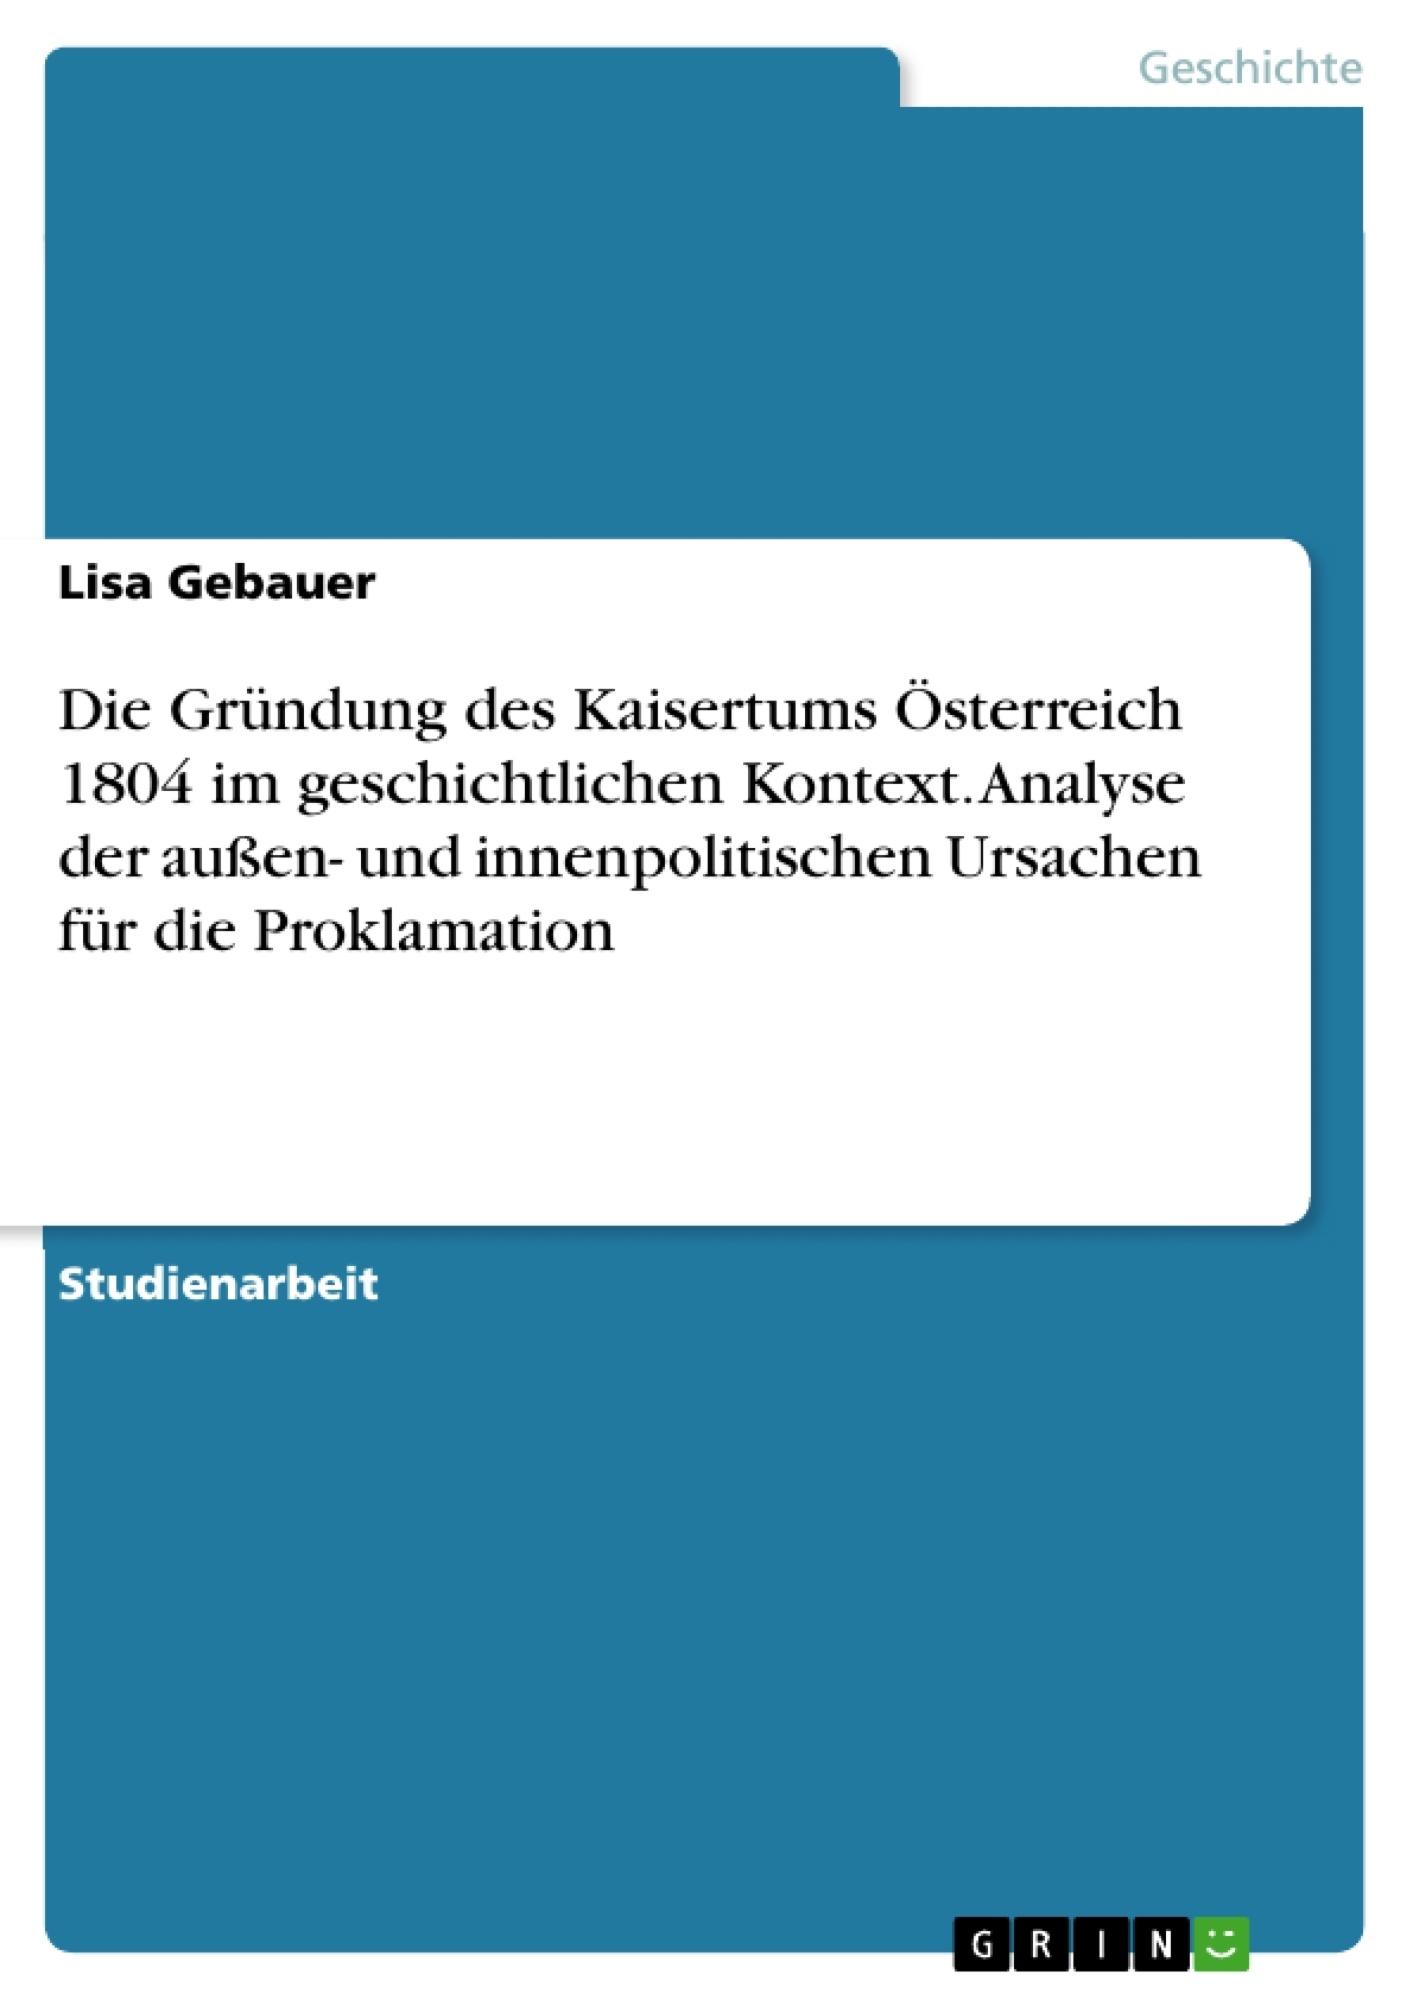 Titel: Die Gründung des Kaisertums Österreich 1804 im geschichtlichen Kontext. Analyse der außen- und innenpolitischen Ursachen für die Proklamation